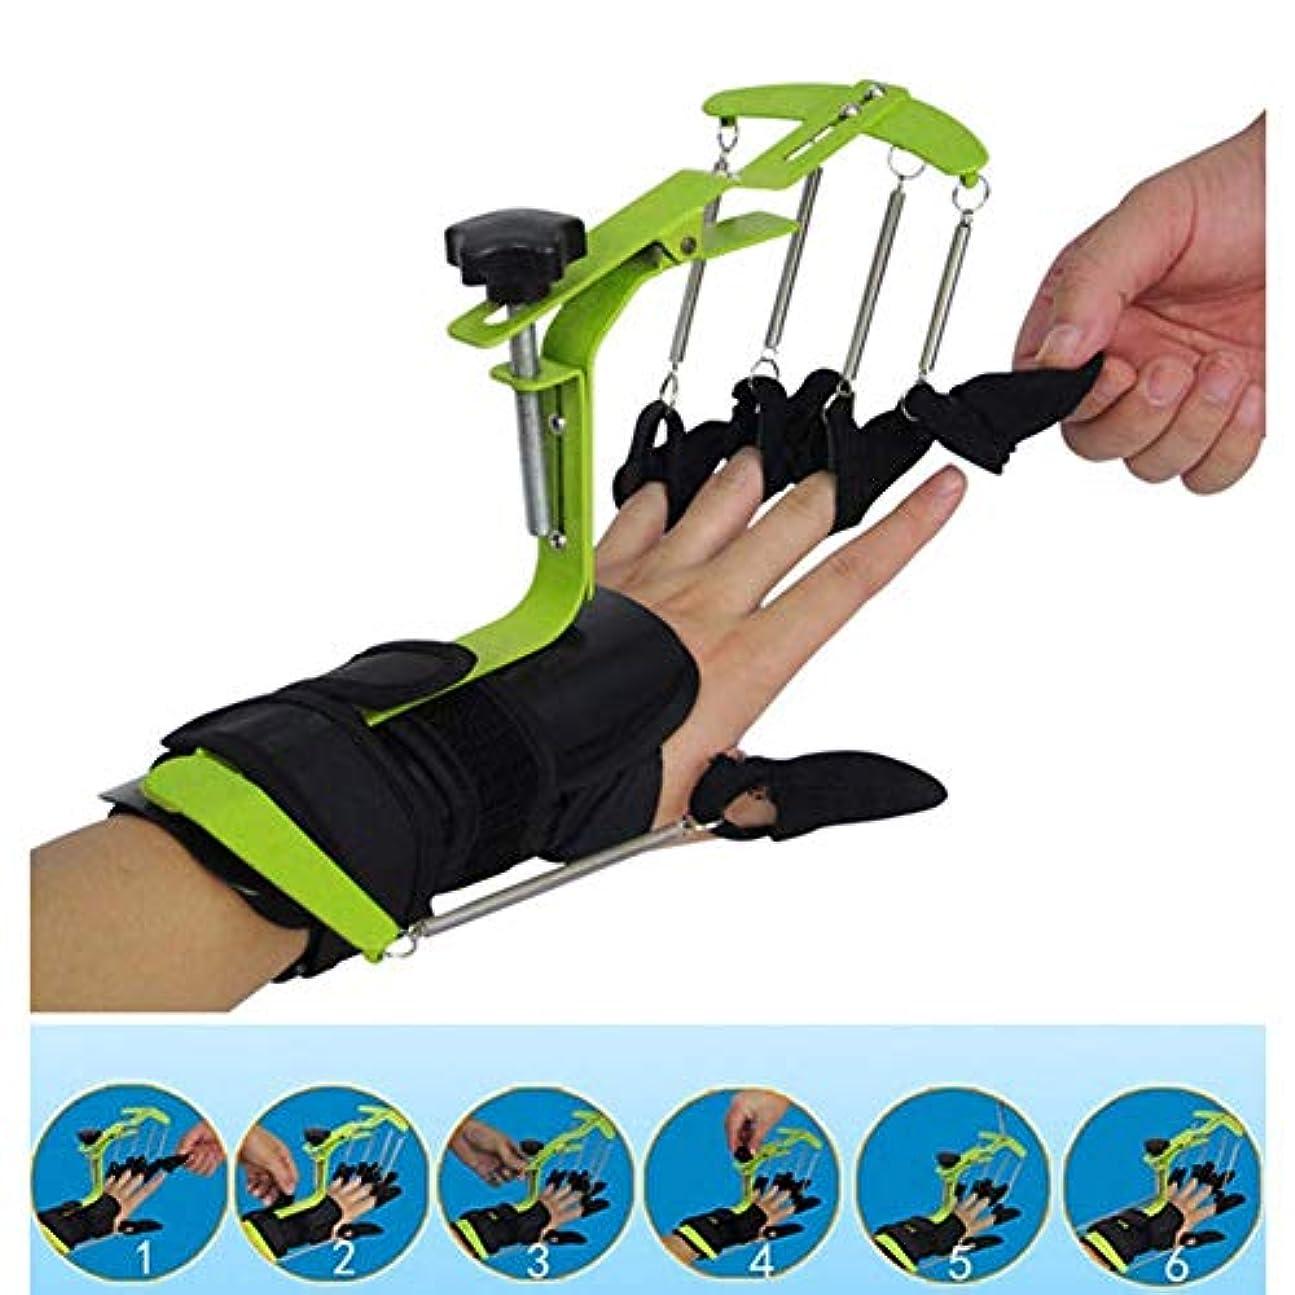 指の手首の装具の訓練援助 - リハビリテーションの訓練装置は適性、ベンチ出版物のための手のサポートを提供します、左または右の手に合います